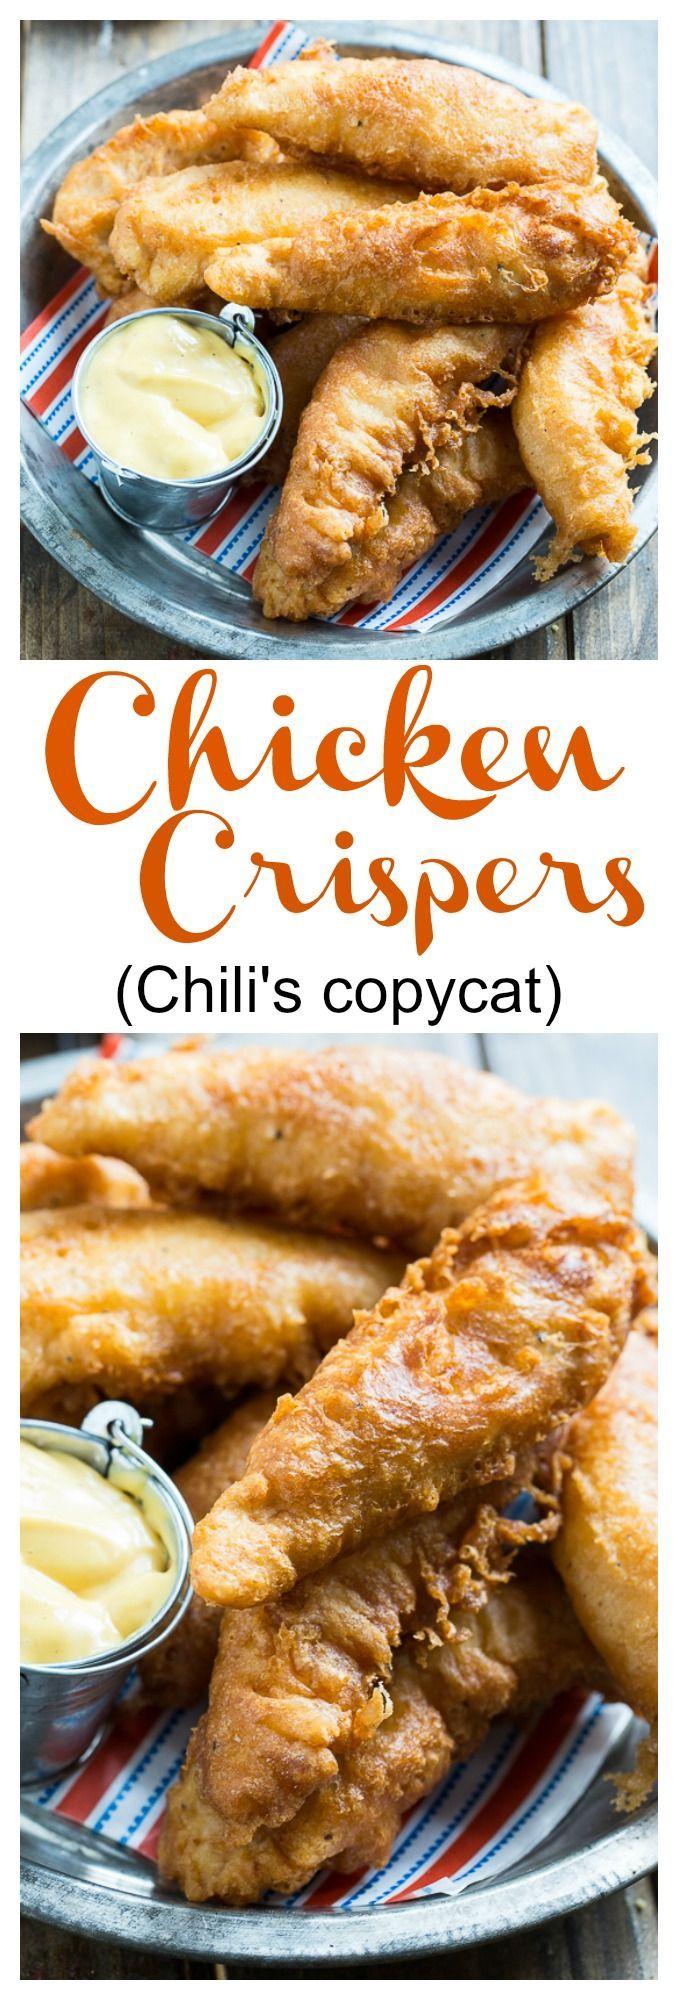 Chicken Crispers (Chili's Copycat Recipe)